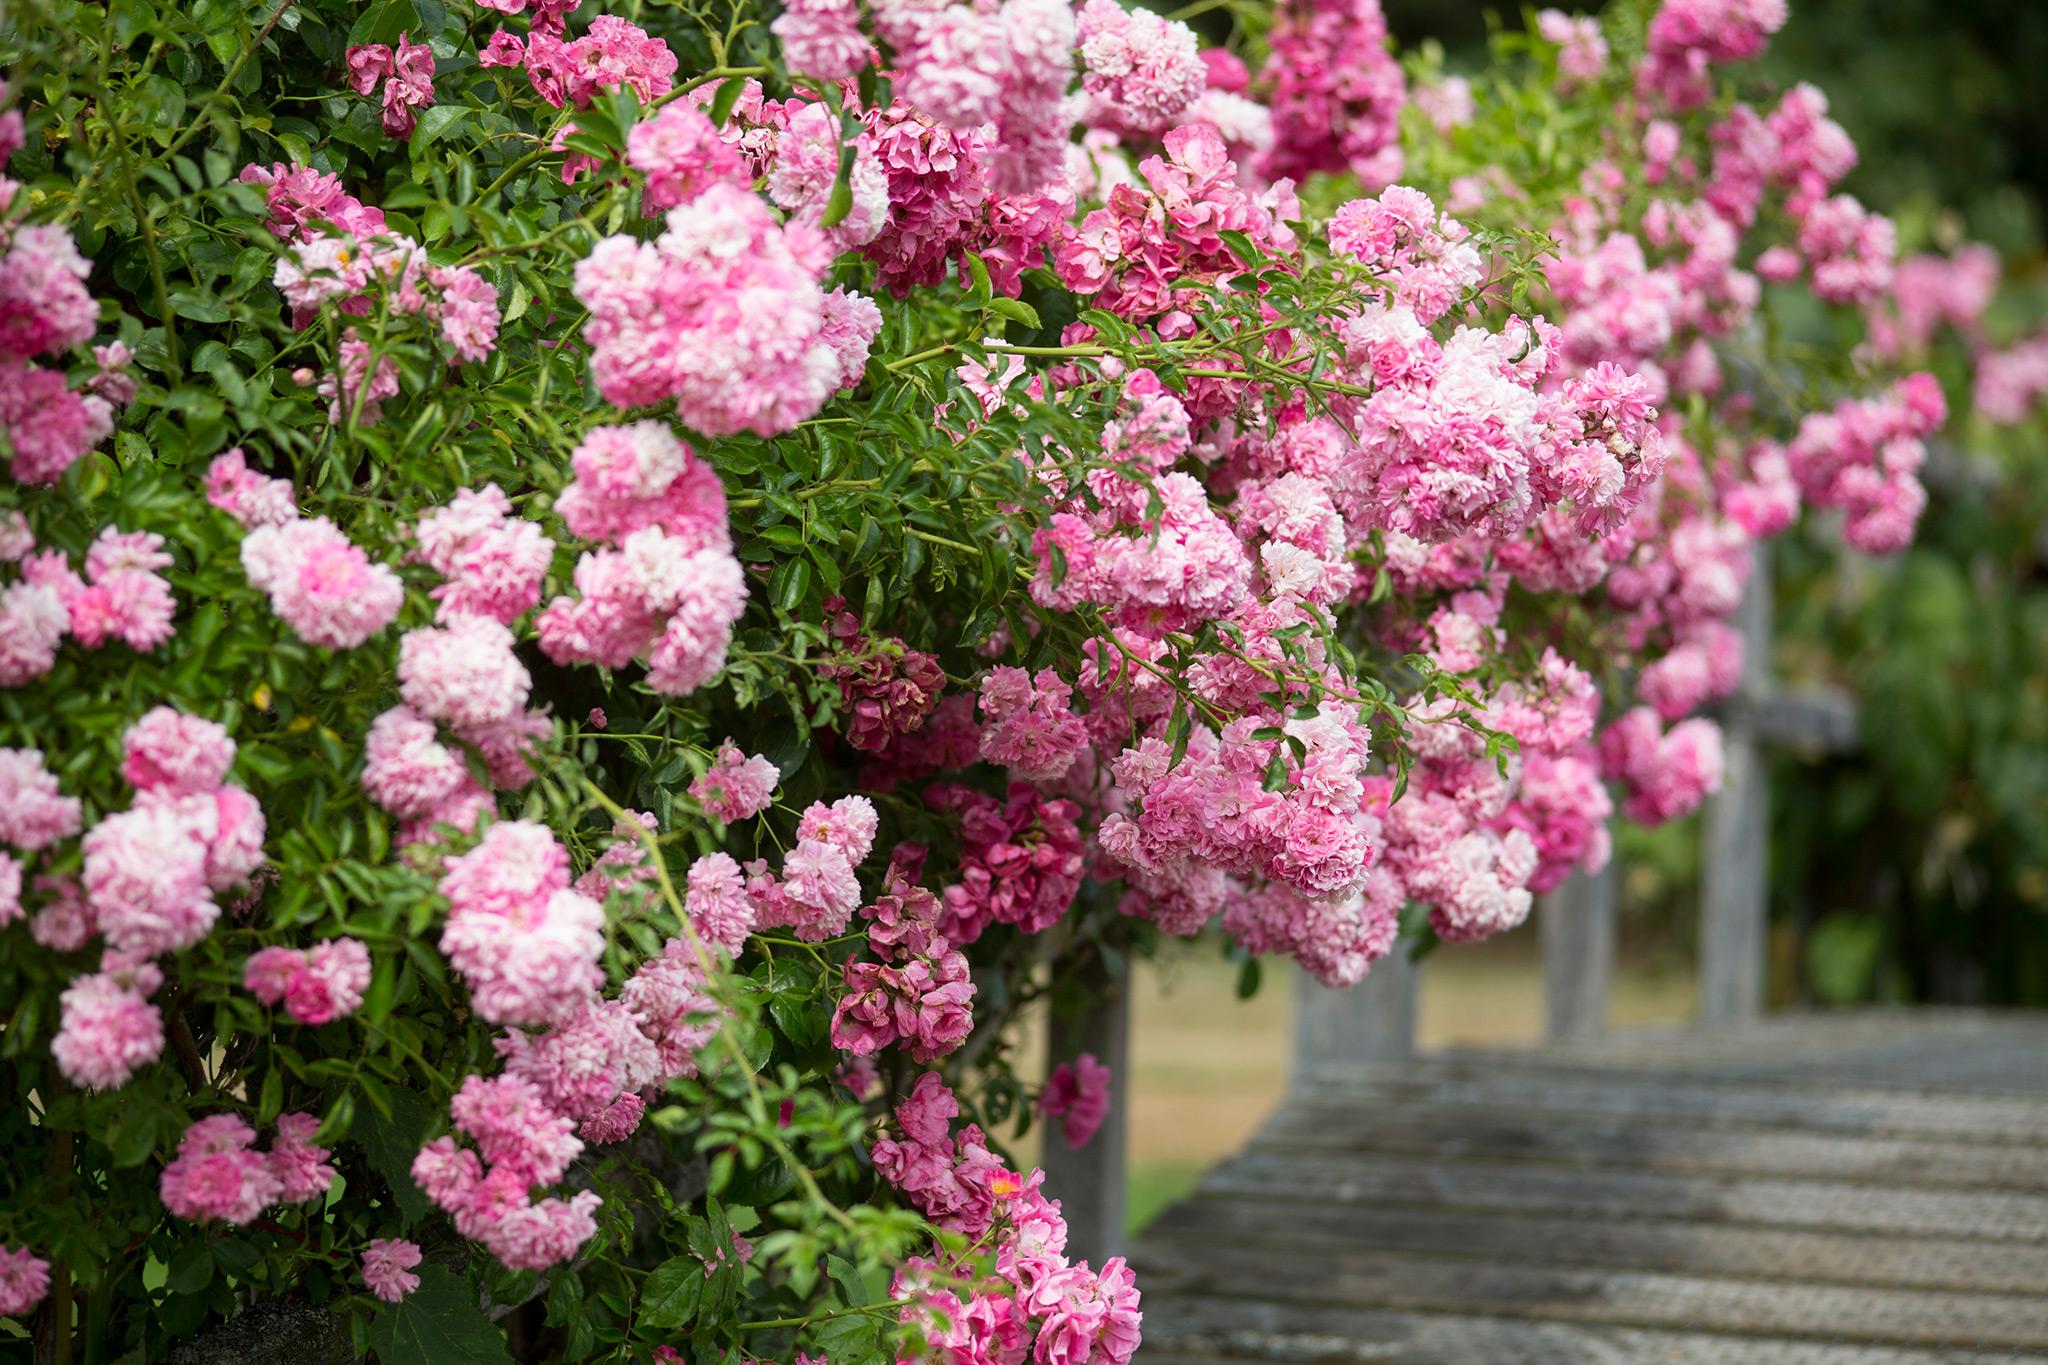 Roses In Garden: Gardenersworld.com